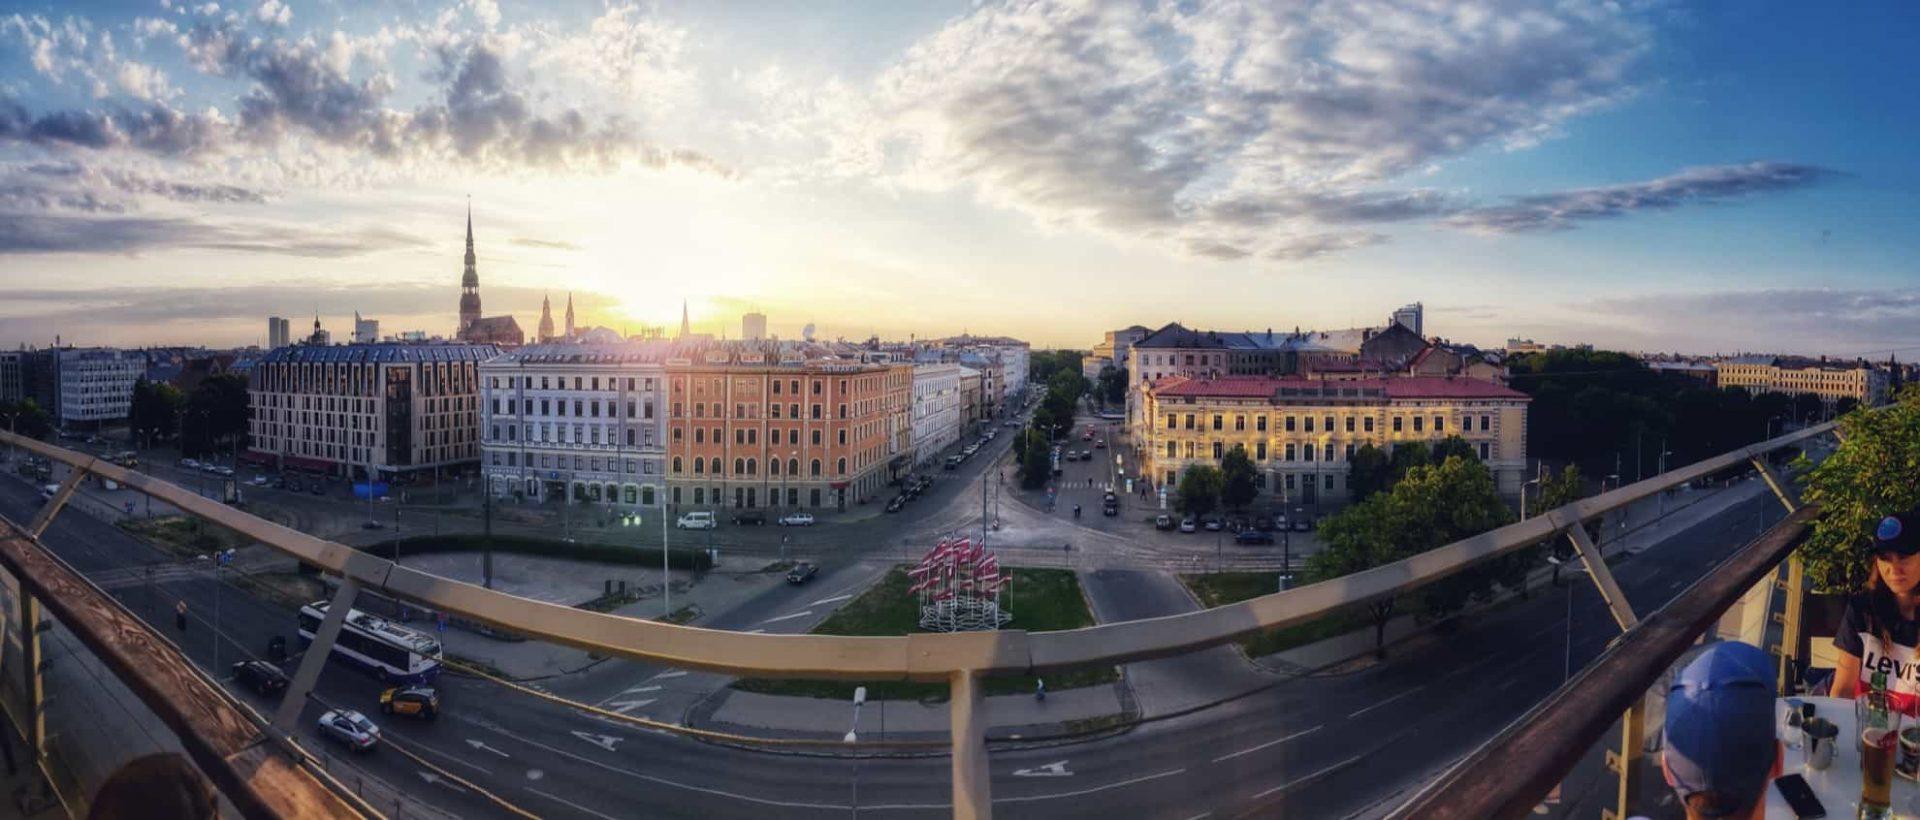 view over Riga from Kino Citadele and bar Vertigo